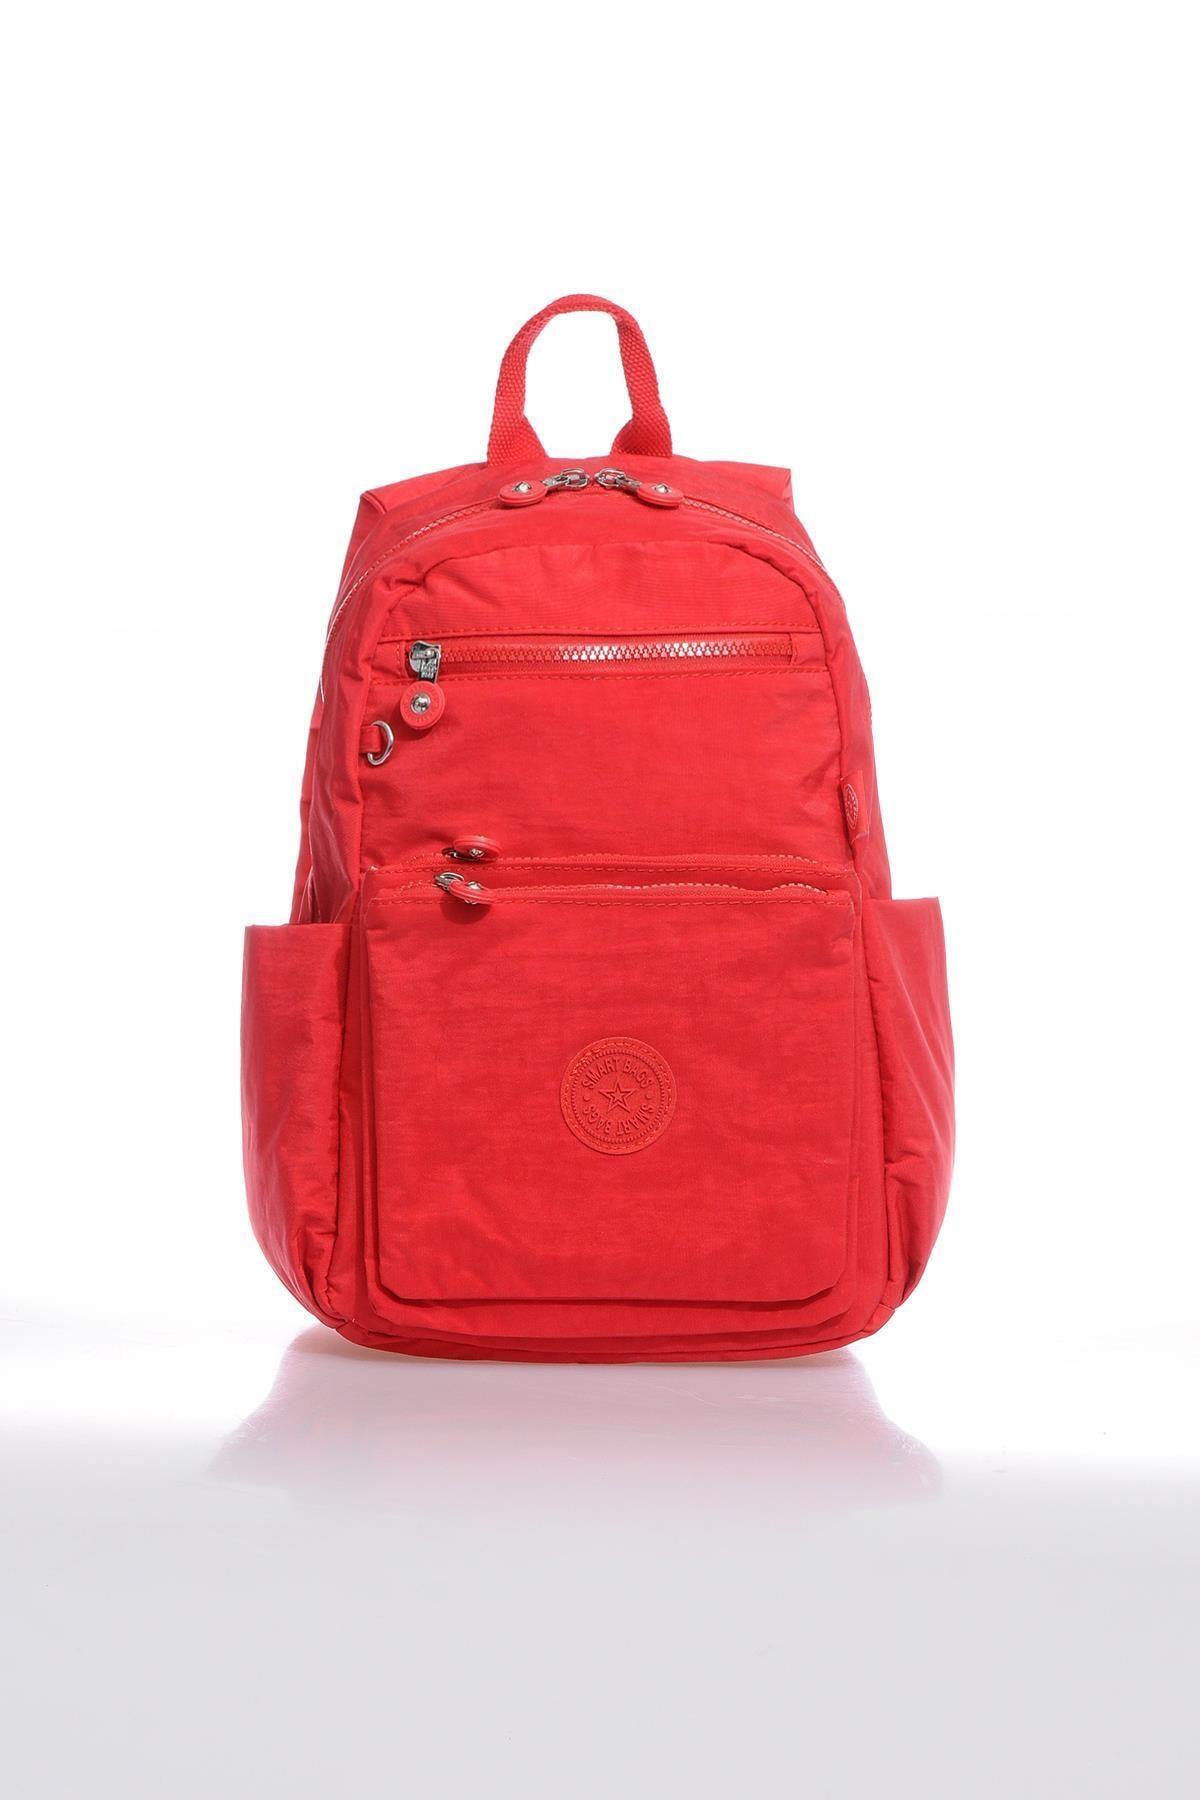 Smb3068-0019 Kırmızı Kadın Sırt Çantası